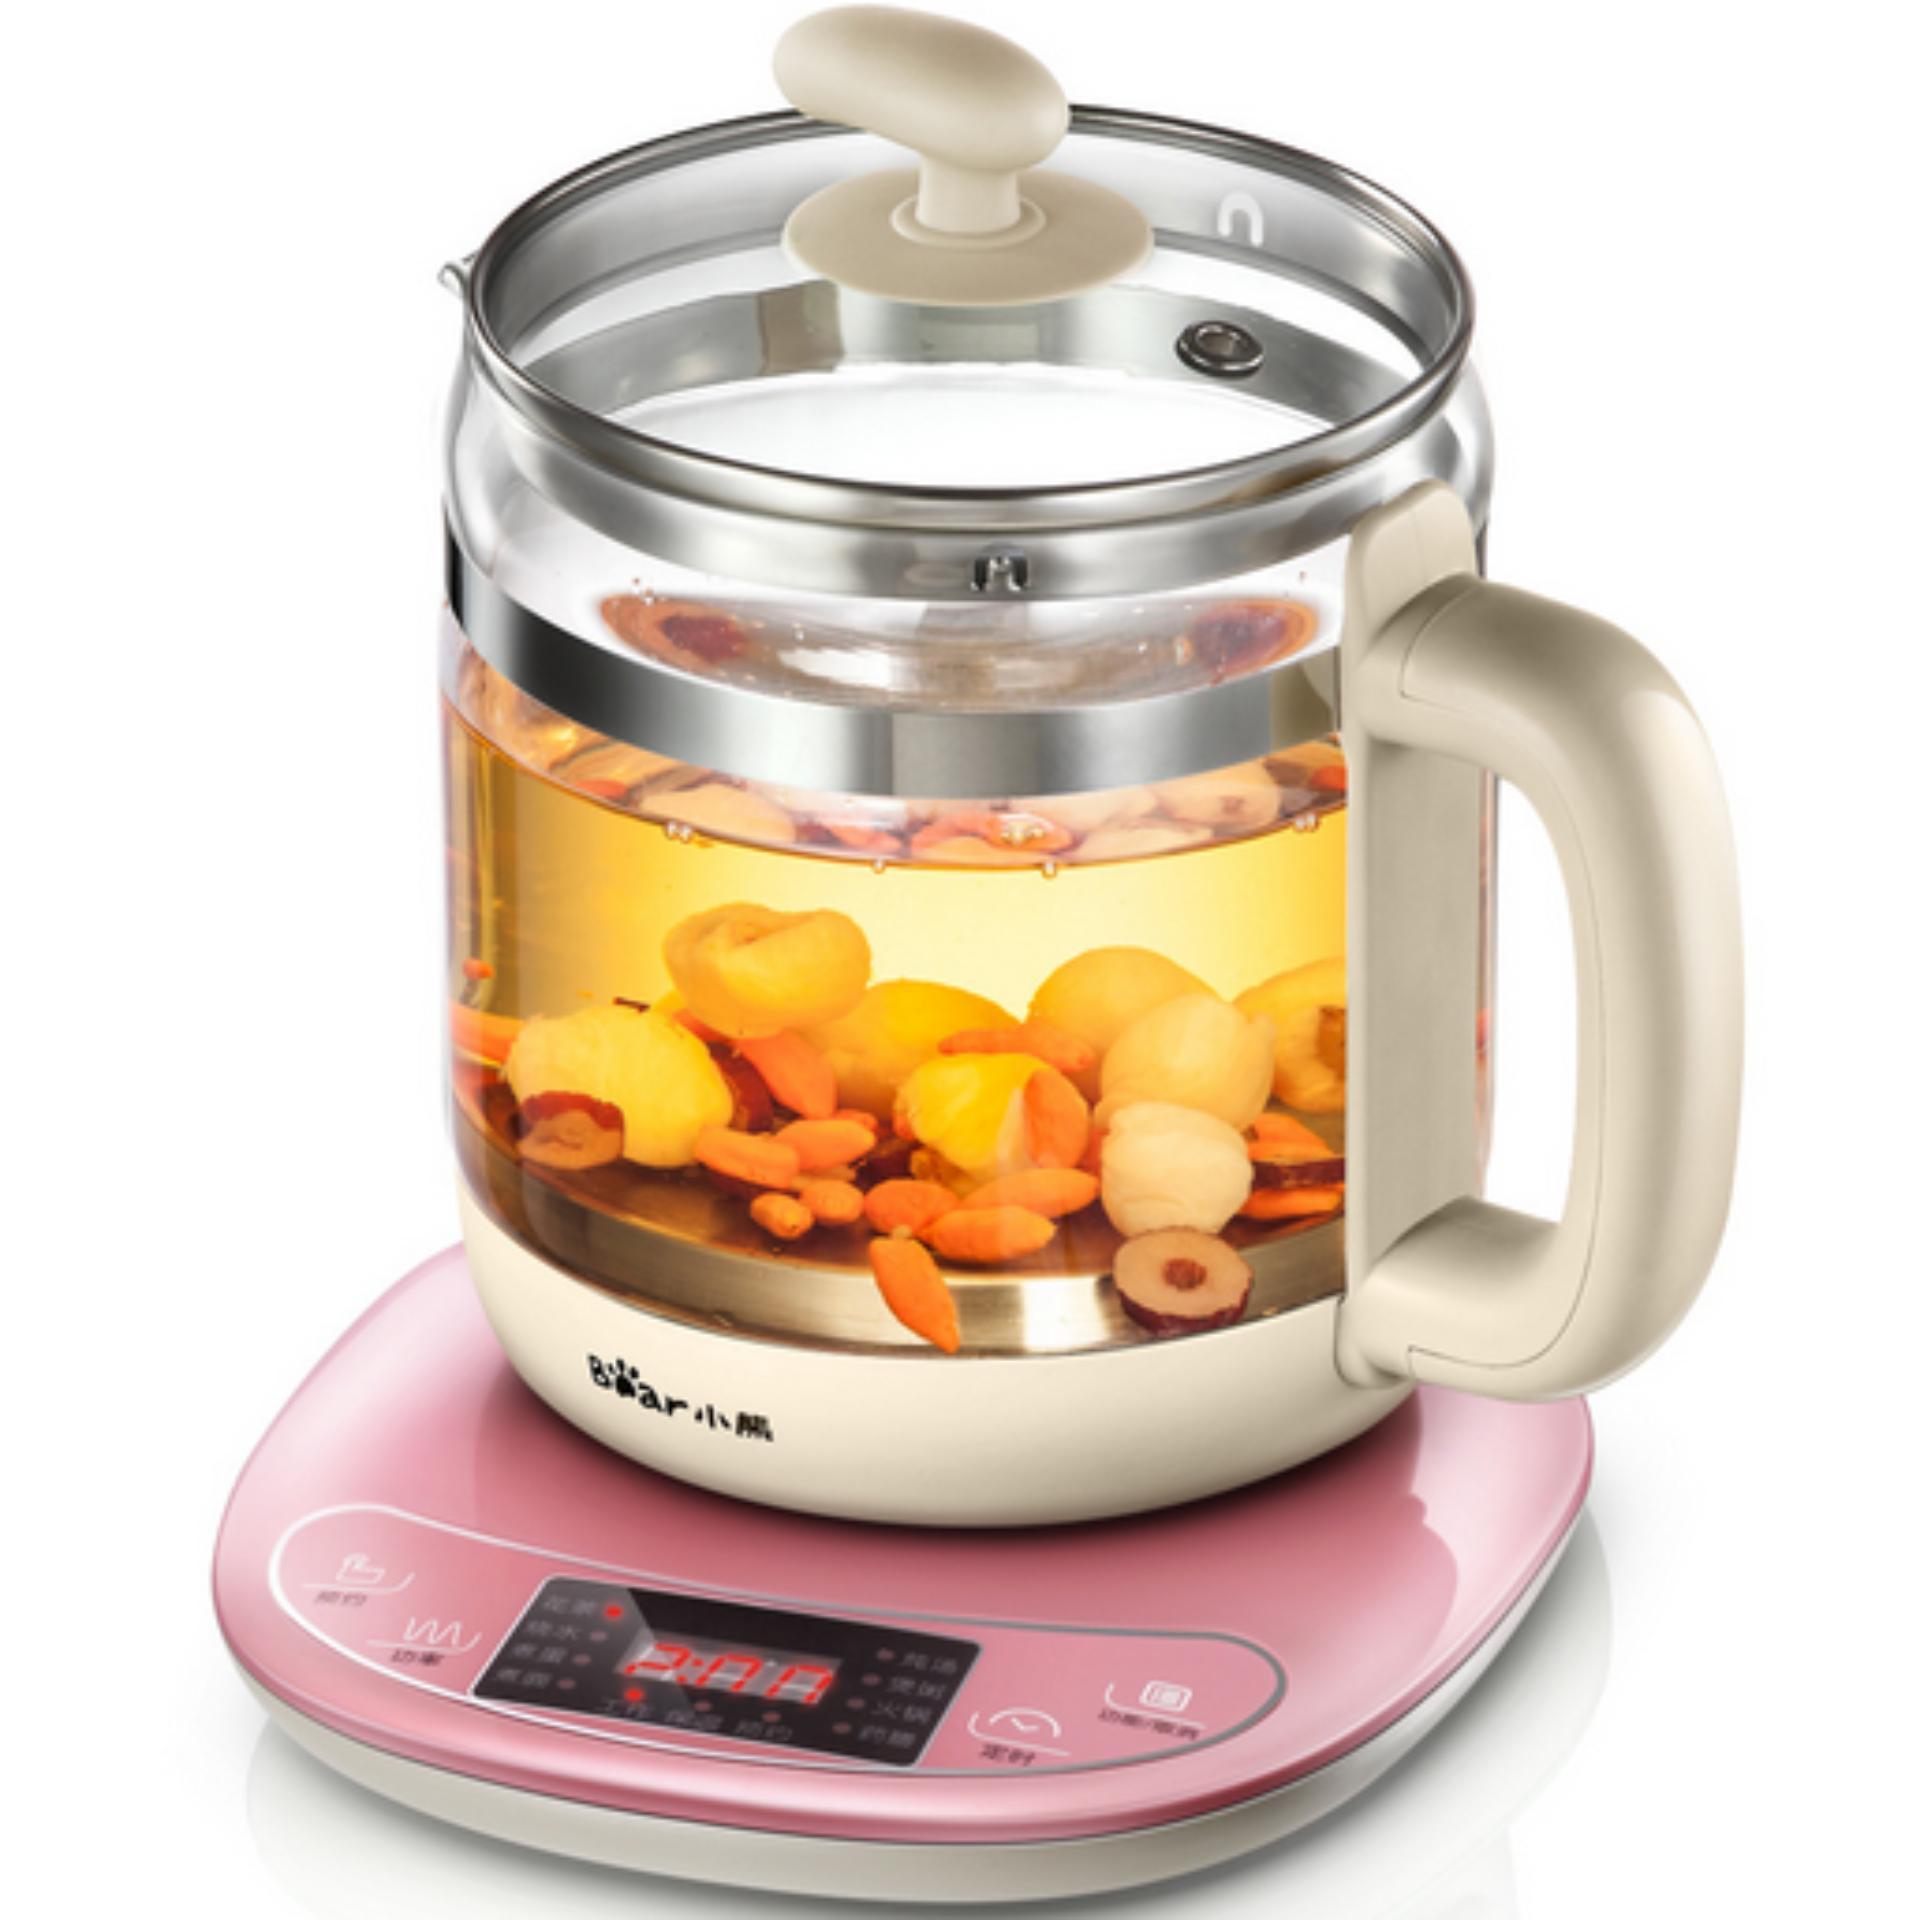 Jual Bear Ysh B18W 1 5L Multifungsi Kesehatan Cerdas Pot Blush Pink Intl Online Tiongkok